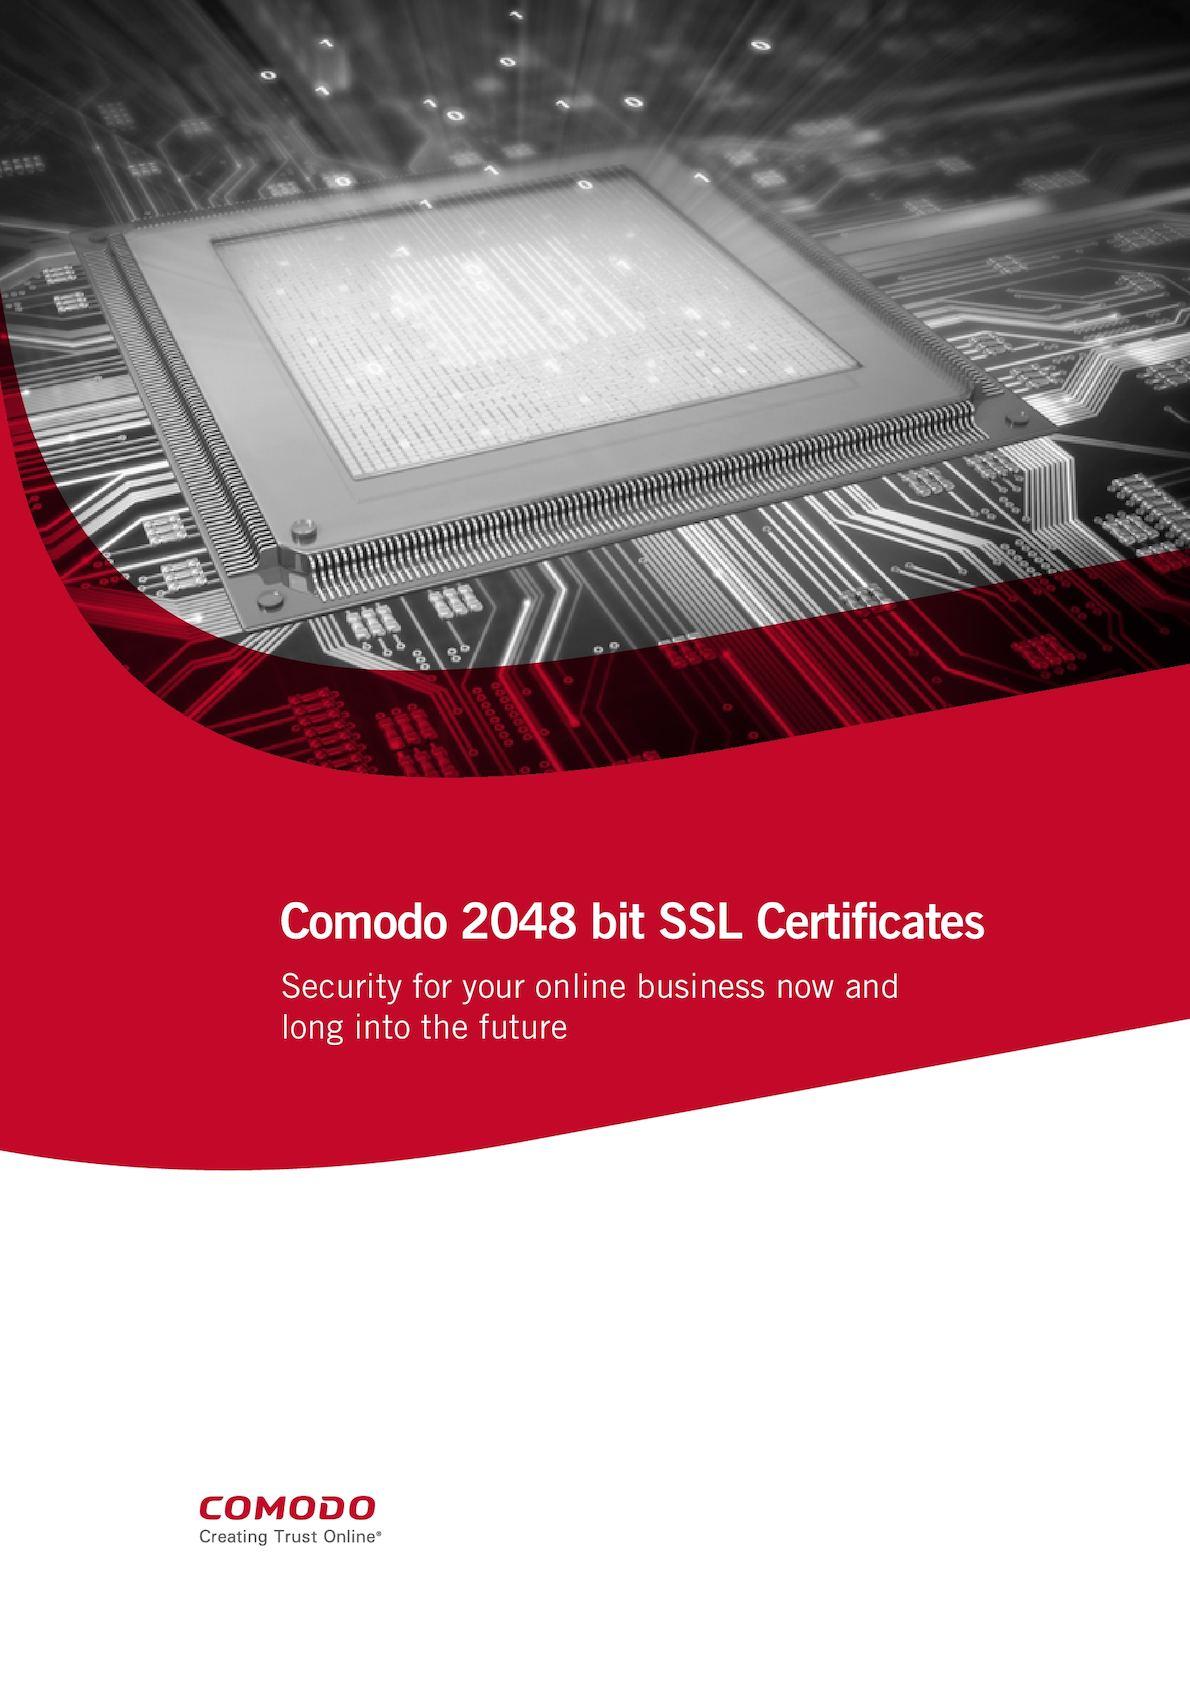 Calamo Security Features 2048 Bit Ssl Certificate